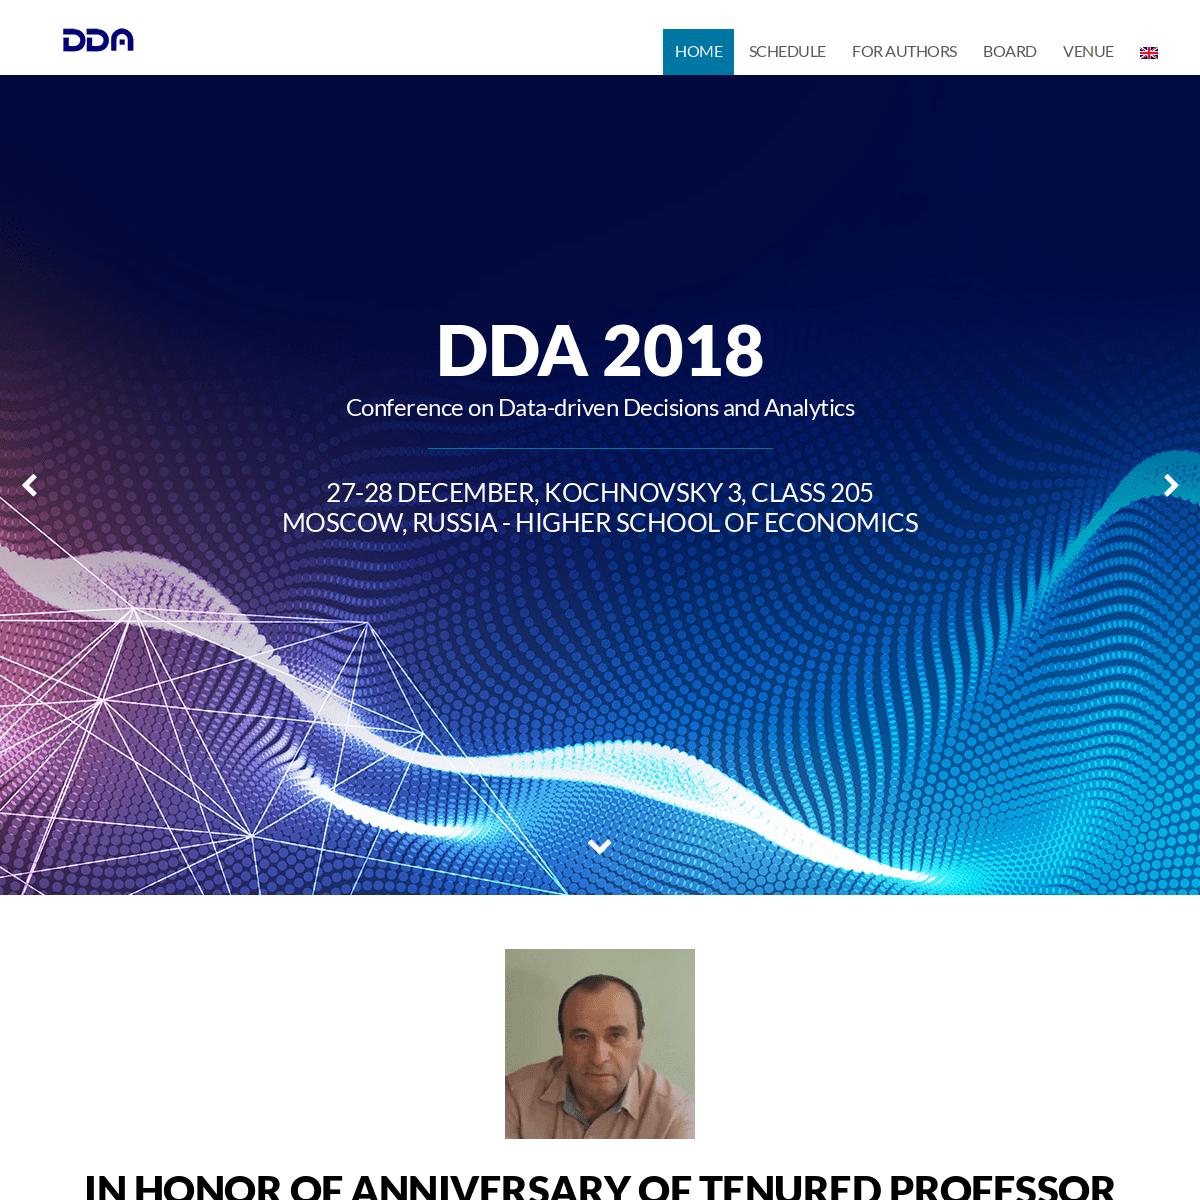 ArchiveBay.com - ddaconf.org - DDA 2018